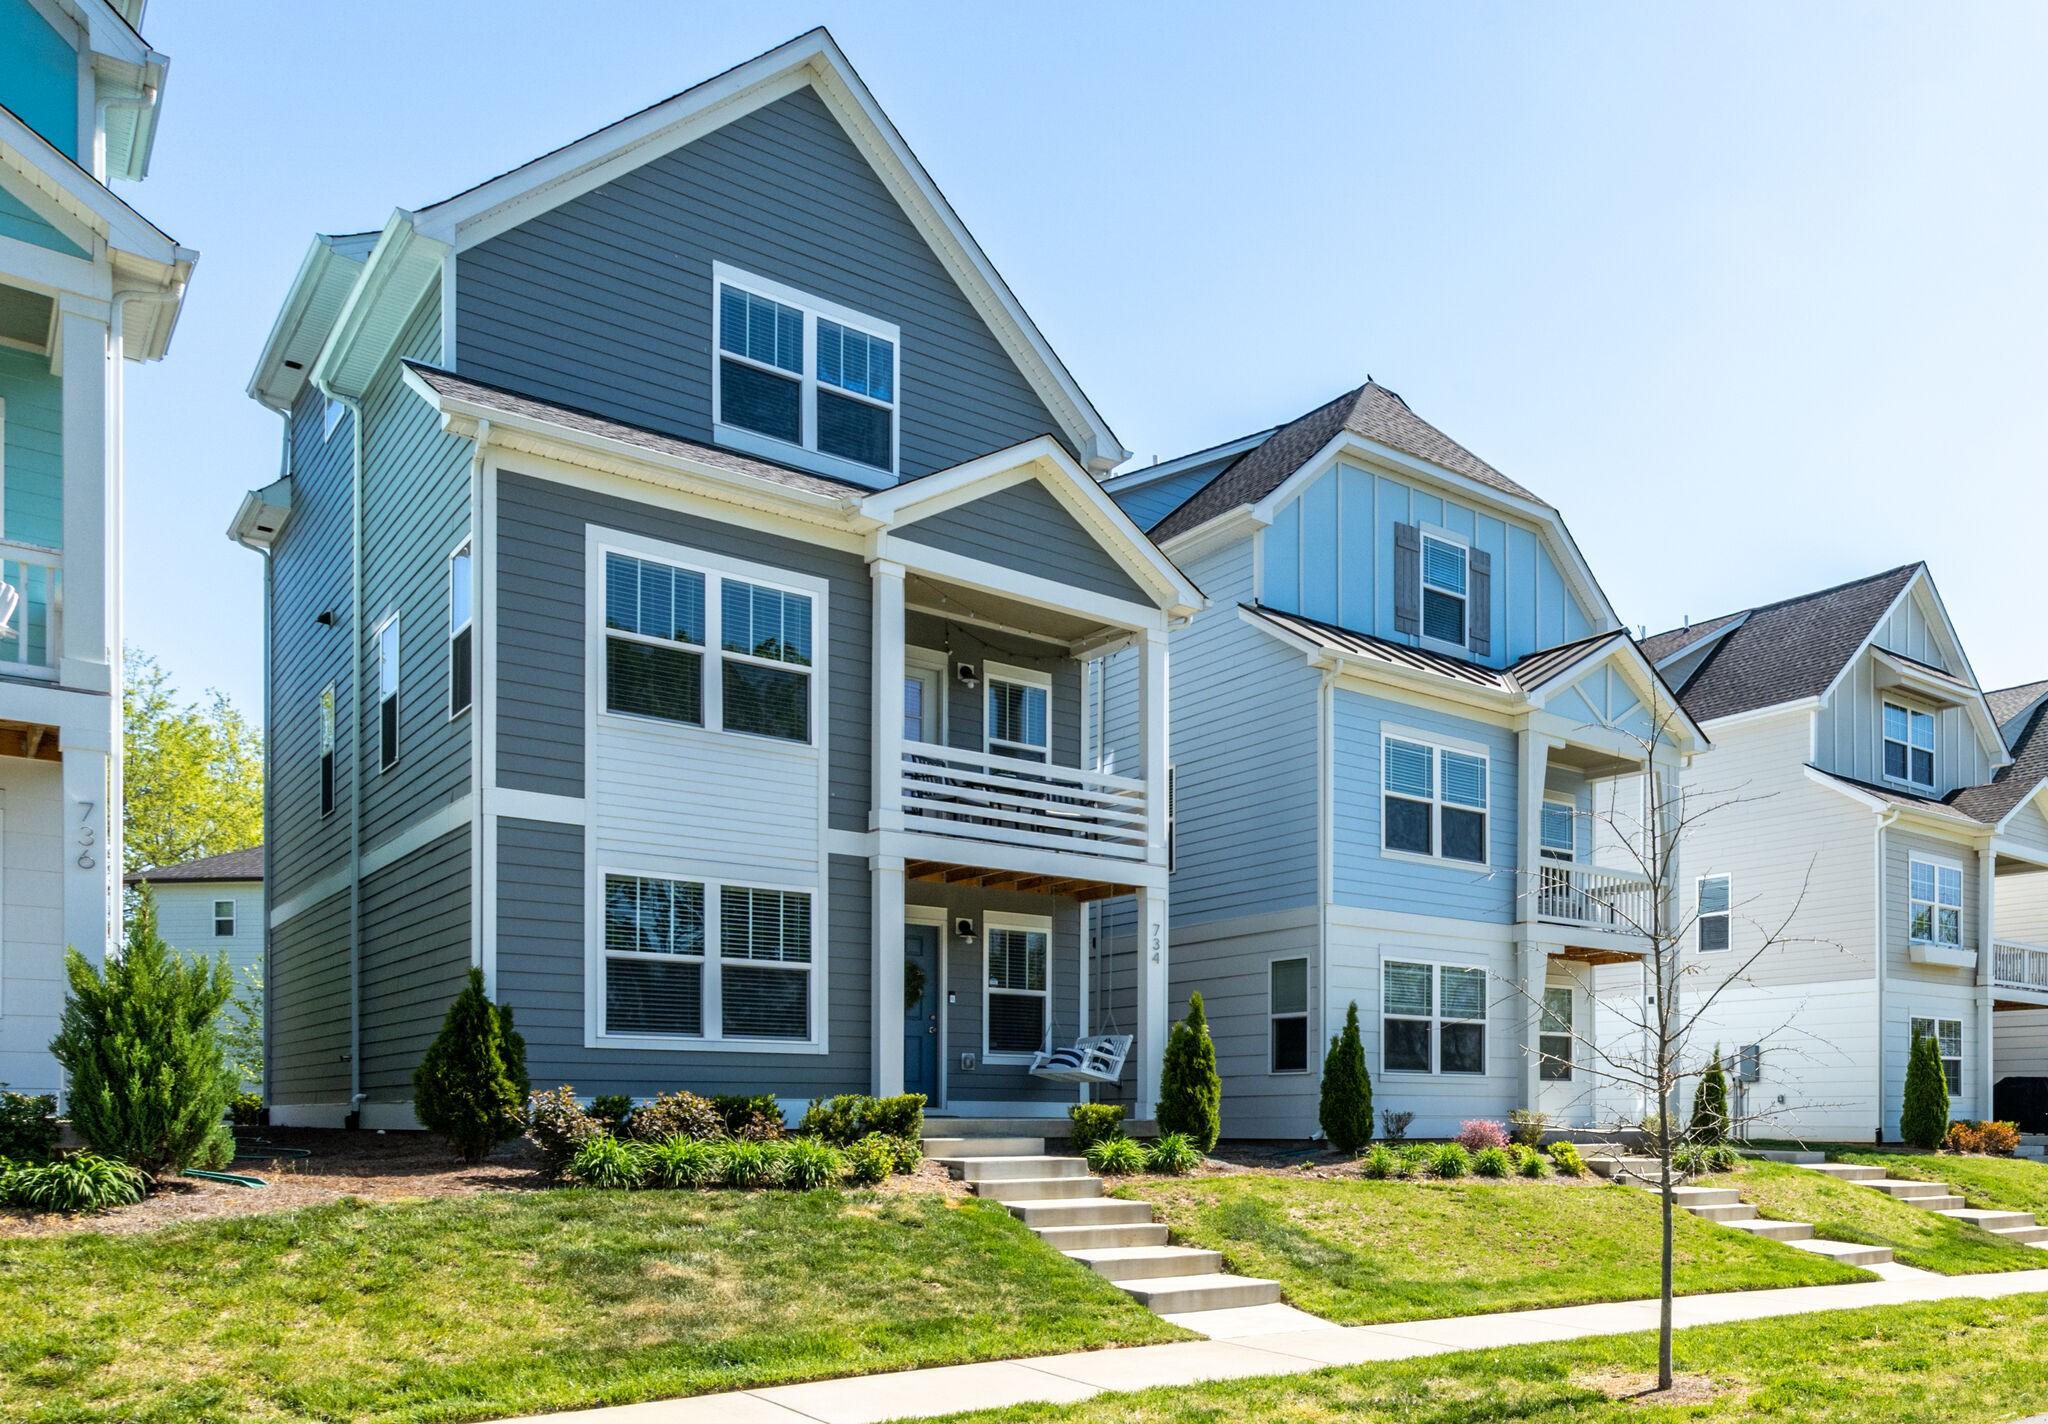 734 Bellevue Rd Property Photo - Nashville, TN real estate listing